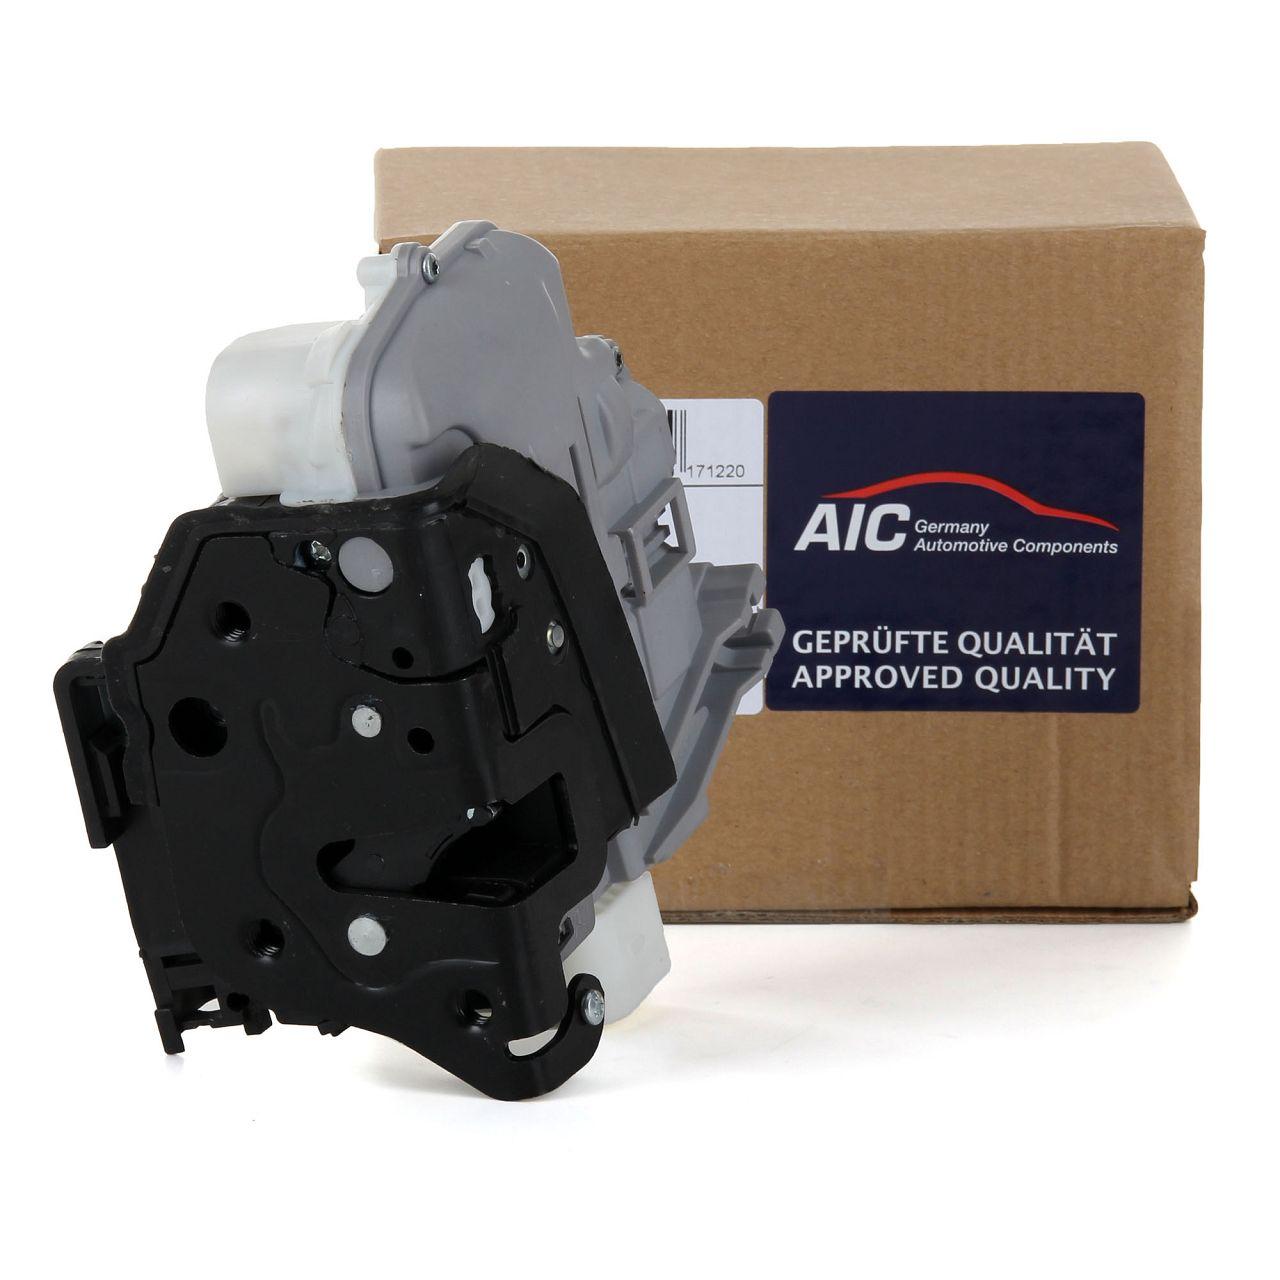 AIC 55961 Türschloss Fahrertür AUDI A4 A5 Q3 Q5 Q7 TT VW Touareg vorne links